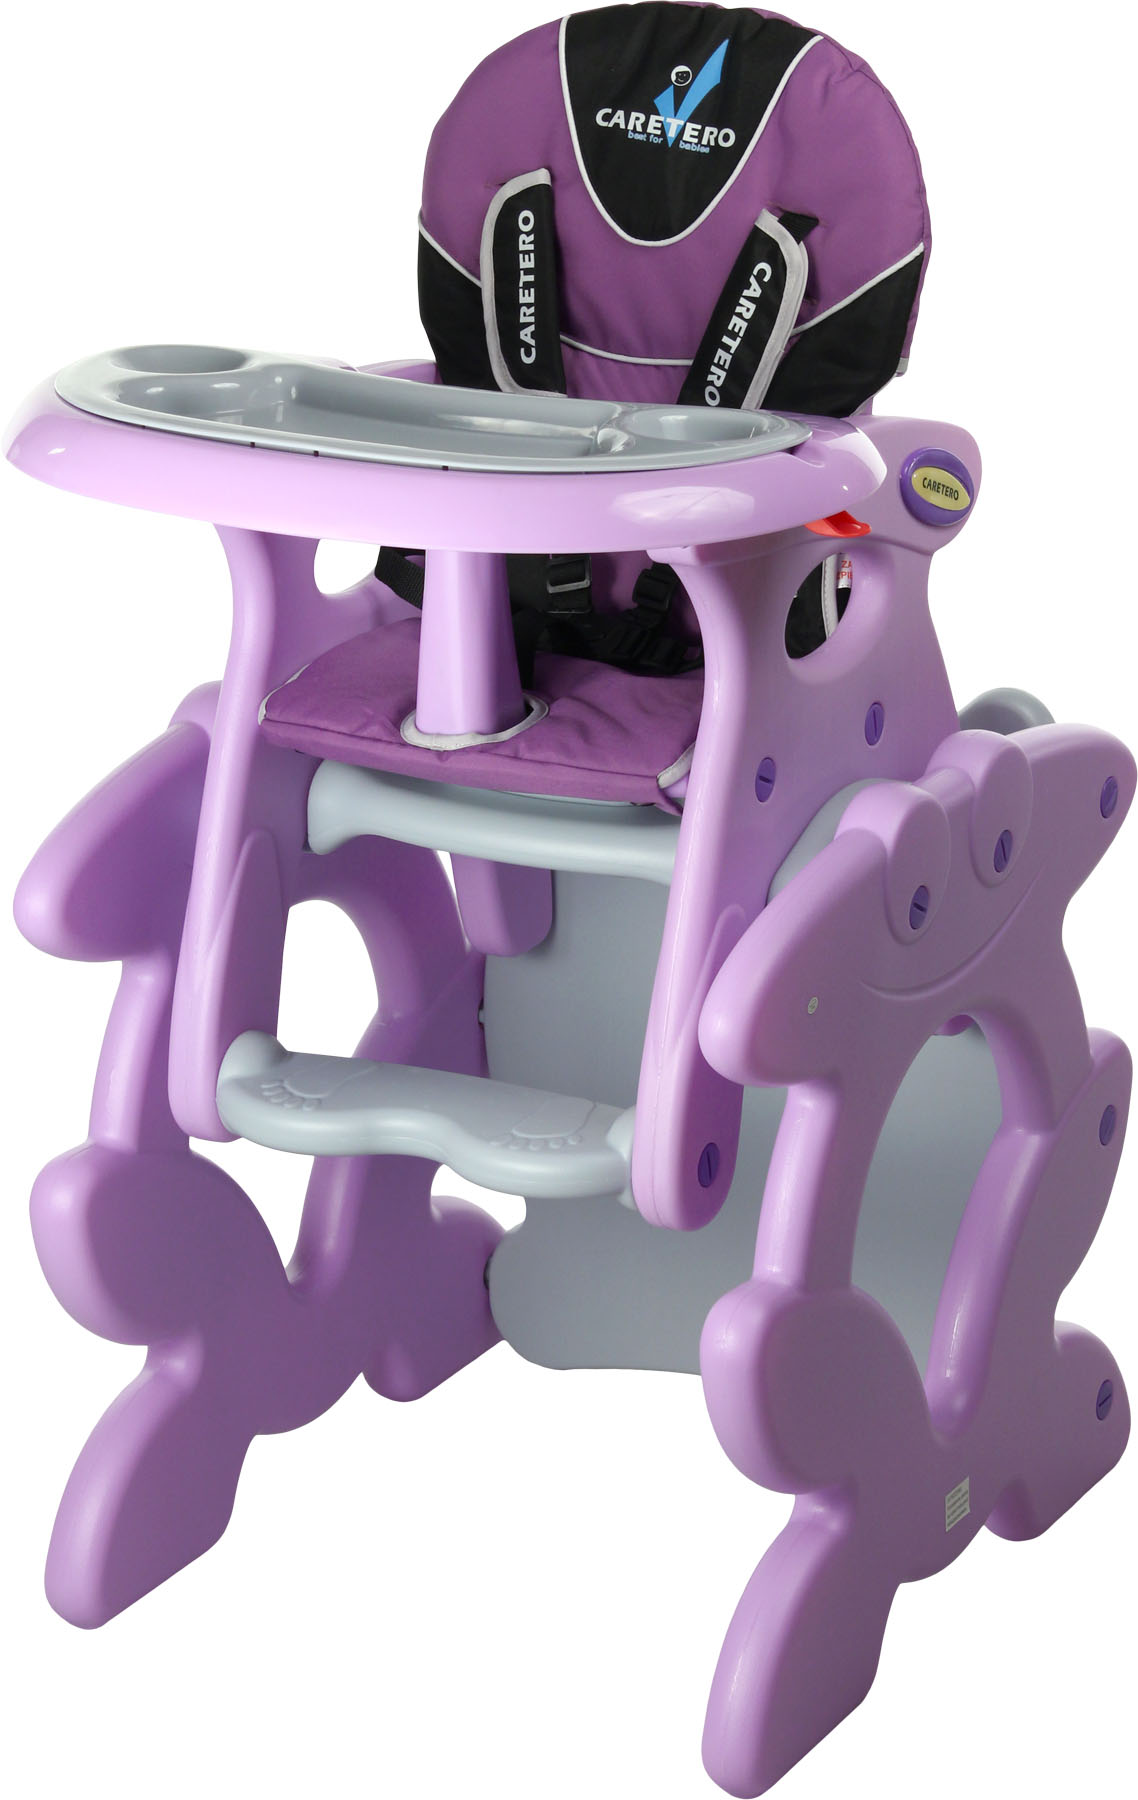 Caretero Primus purple jídelní židlička Dětská jídelní židlička rozkládací